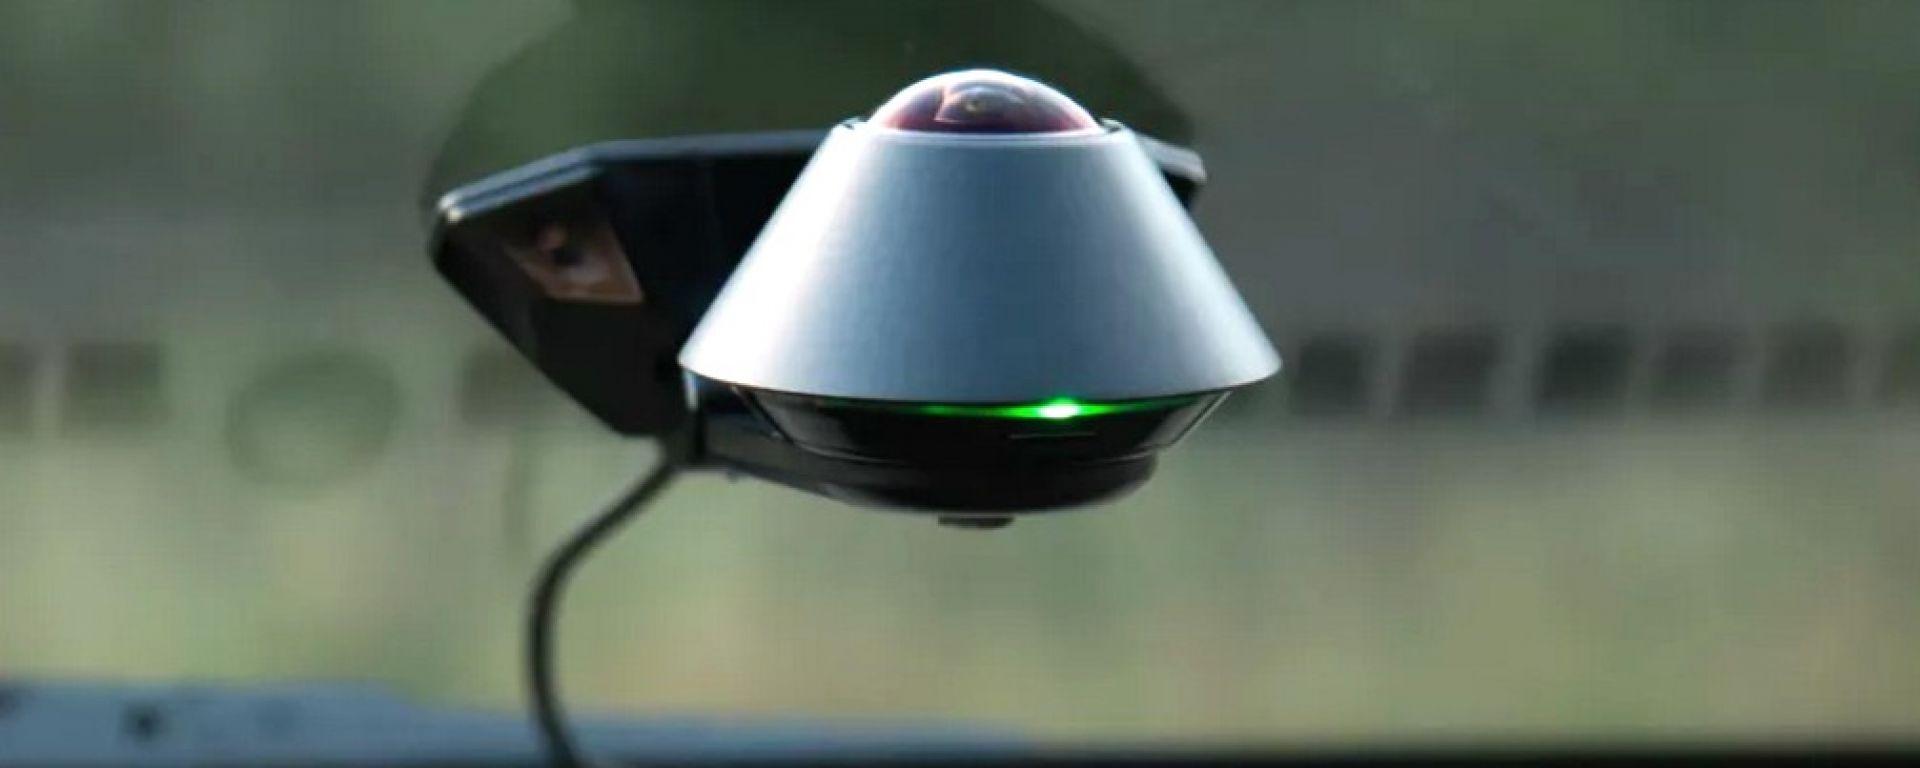 Waylens Secure360: la dash cam che fa anche da antifurto